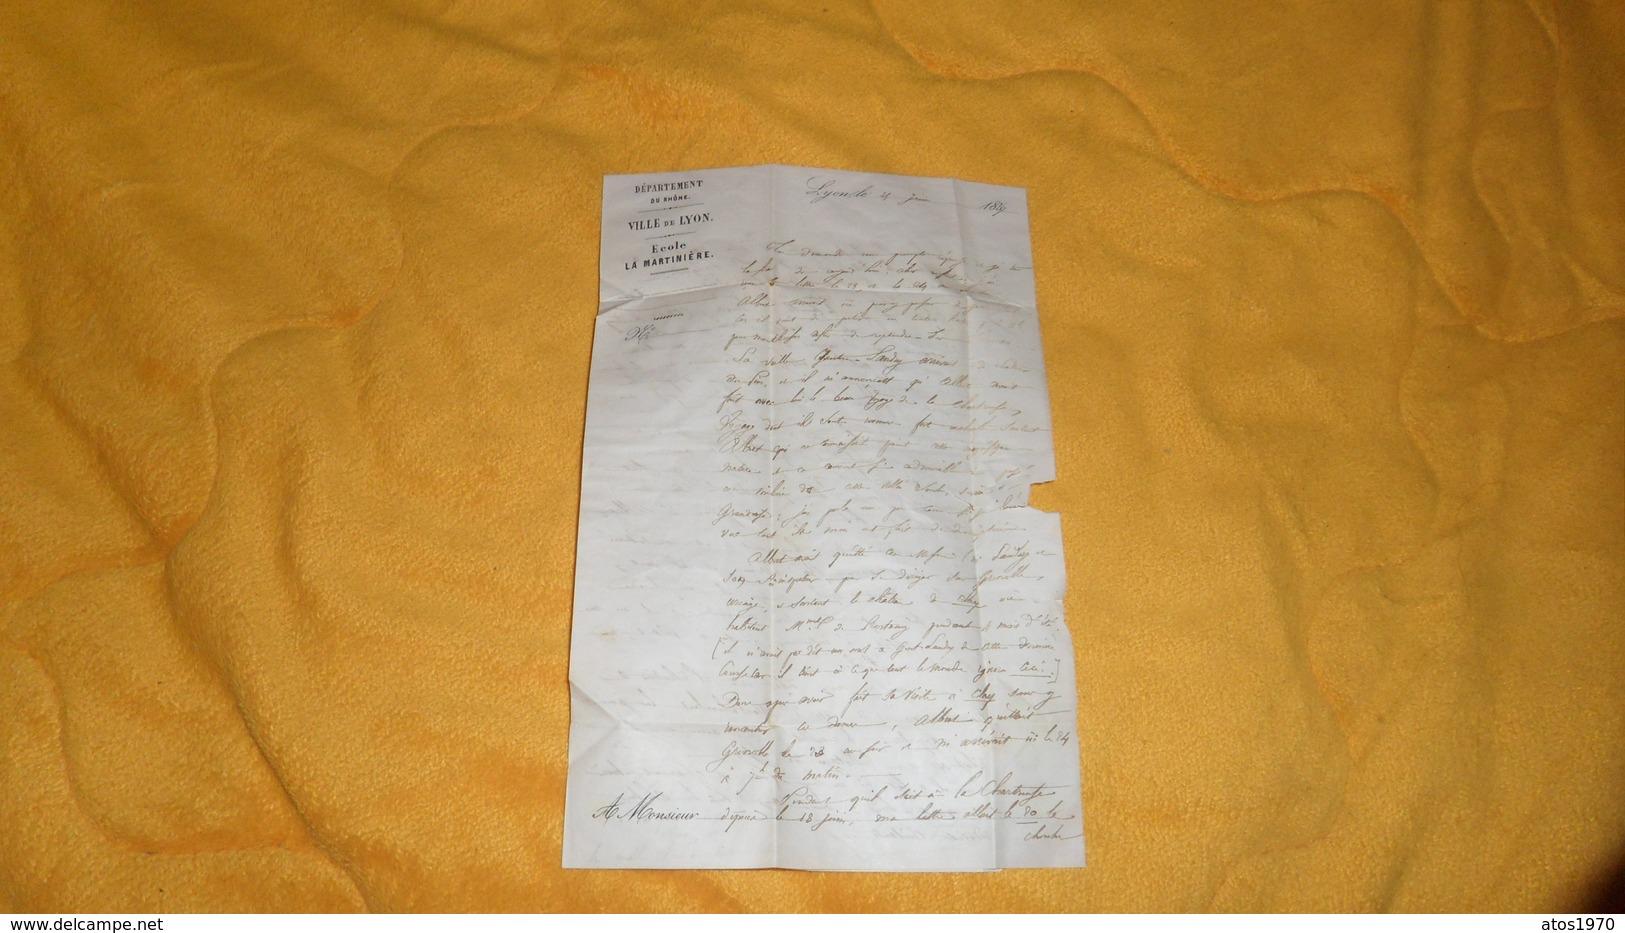 LETTRE ANCIENNE DE 1857. / VILLE DE LYON ECOLE LA MARTINIERE. / LYON A ORNANS . / CACHETS + PC 1818 + TIMBRE - Marcophilie (Lettres)